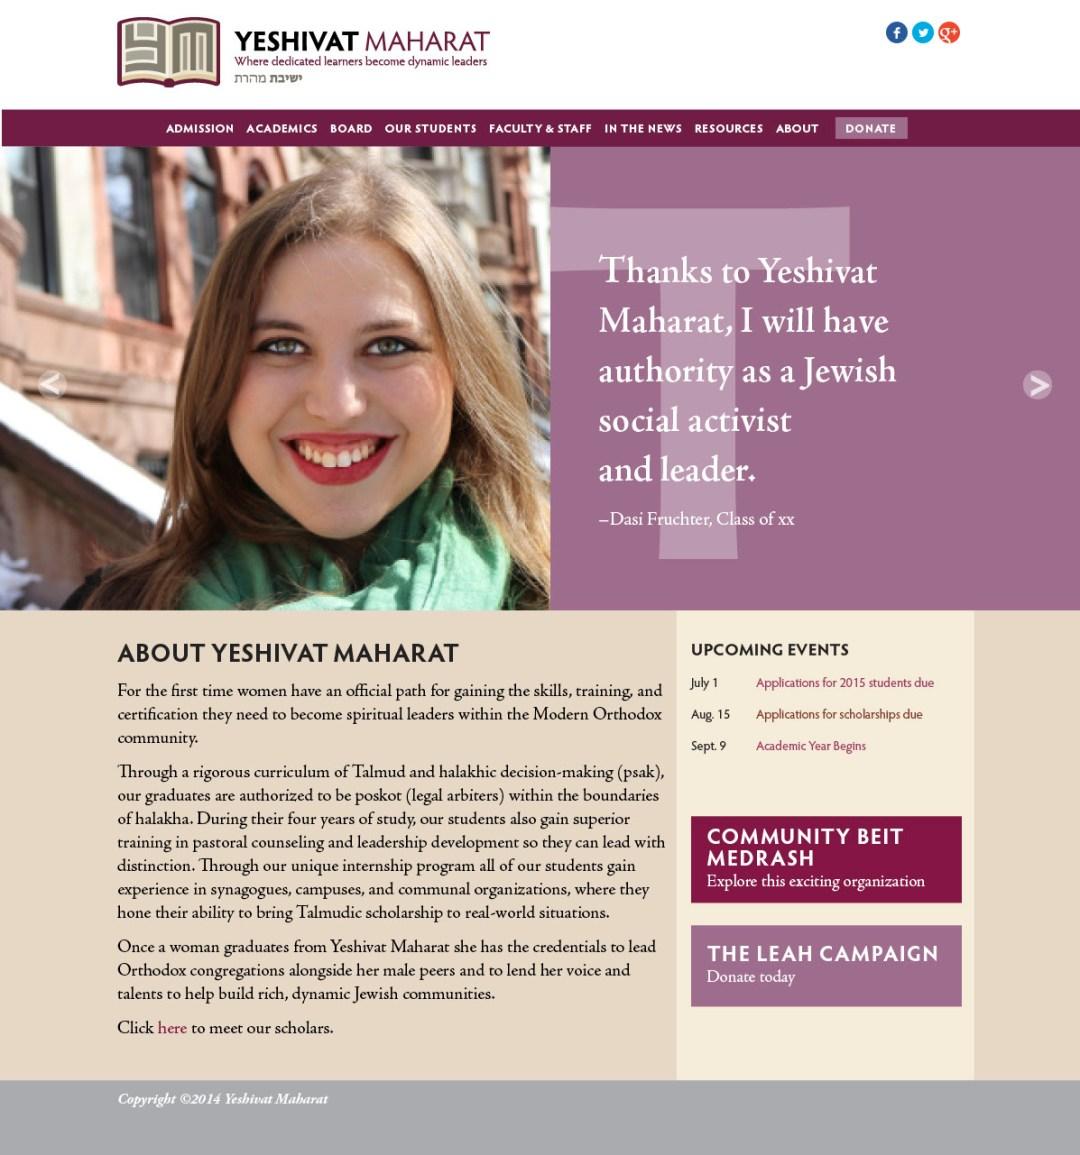 Yeshivat Maharat homepage